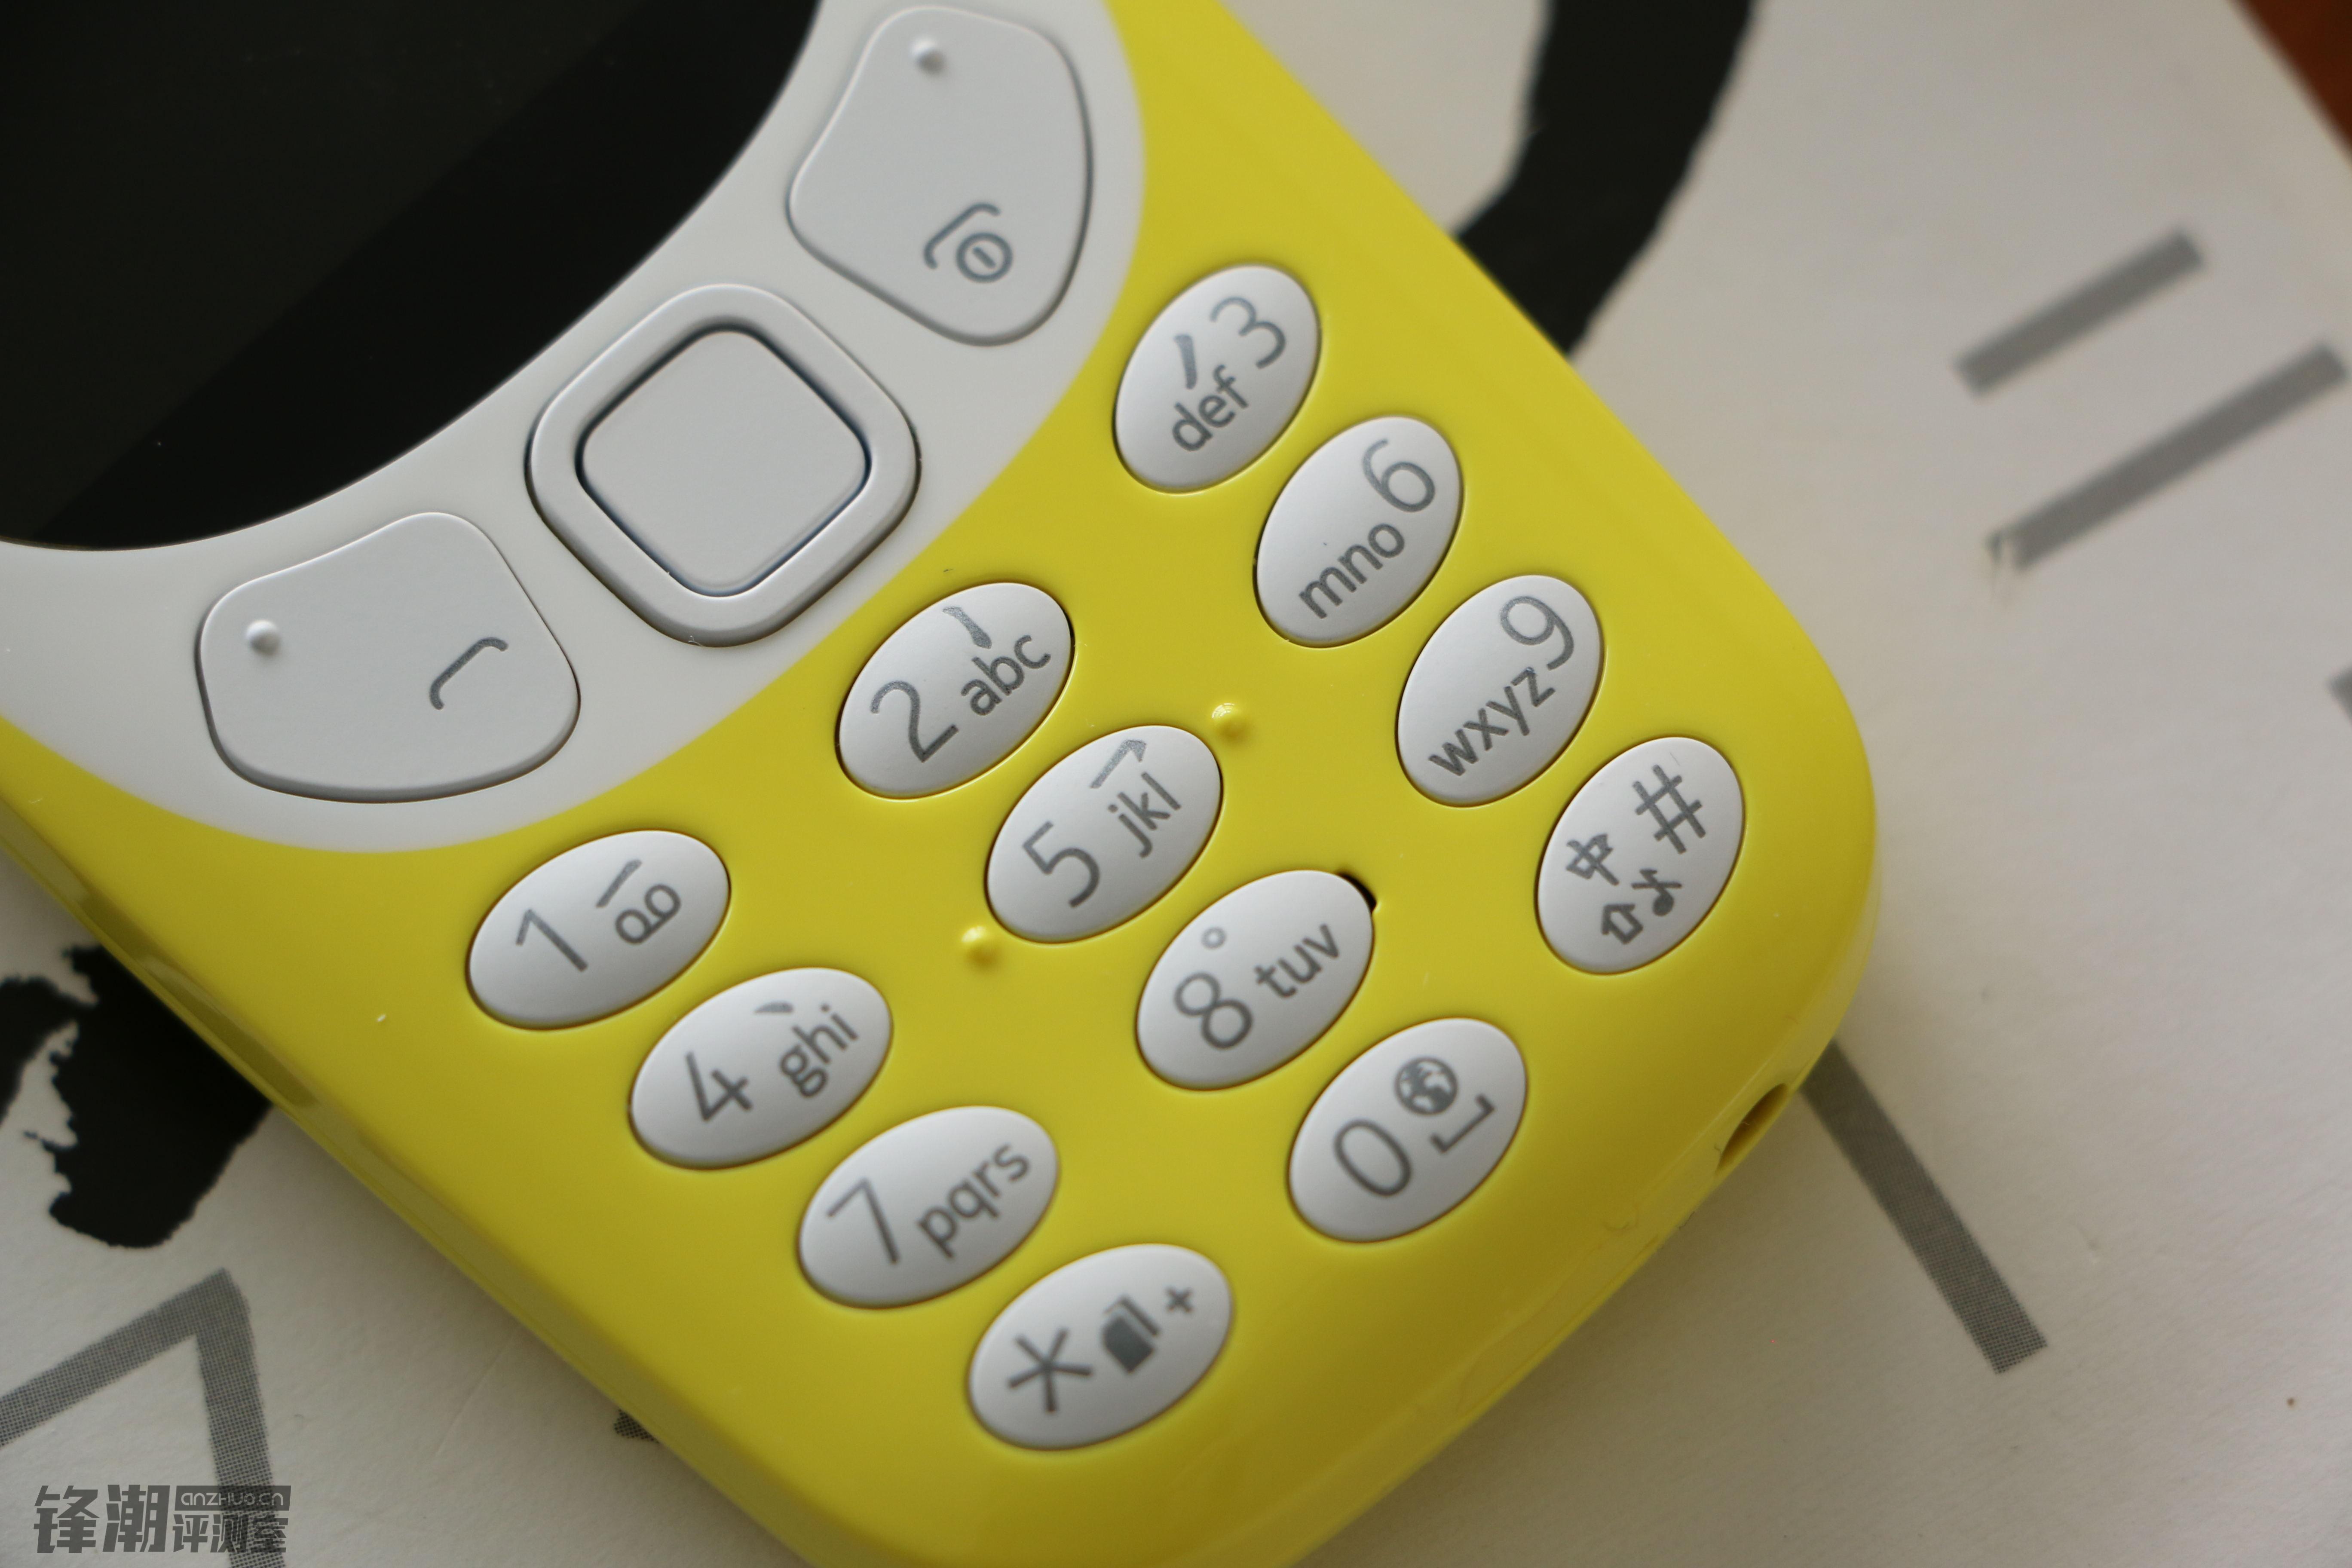 【力皮西】那些有你陪伴的美好日子:诺基亚3310复刻版体验